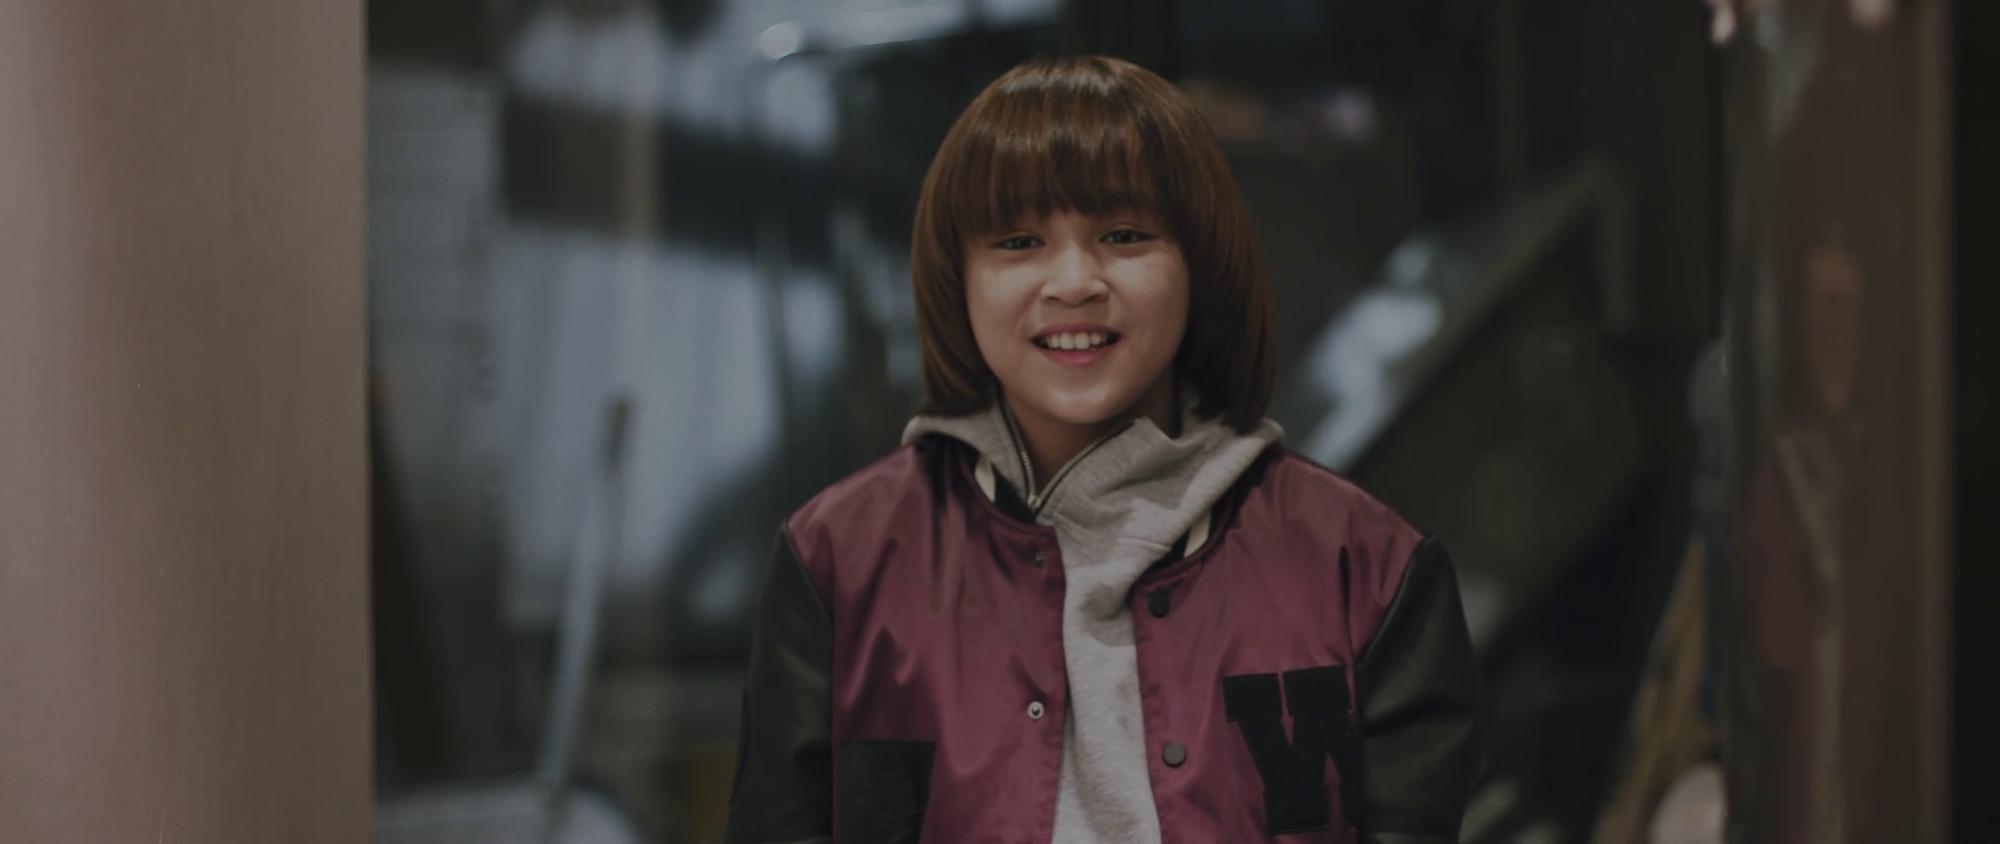 Cậu bé đáng yêu như thiên thần trong MV Đã lỡ yêu em nhiều của JustaTee là ai?-6